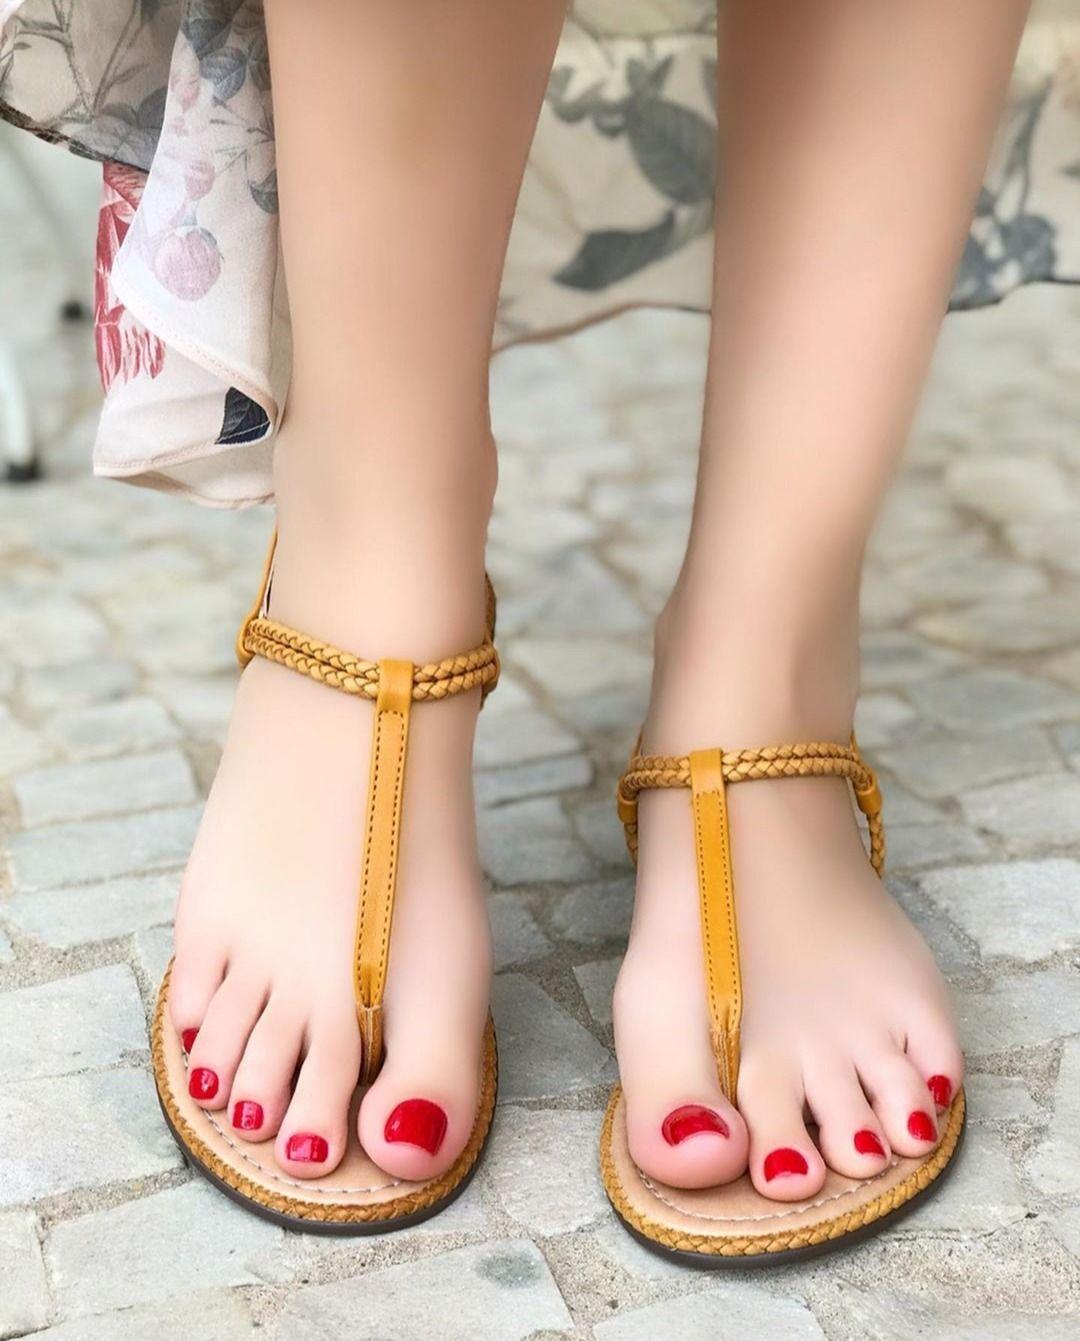 Teen Girls Licking Feet